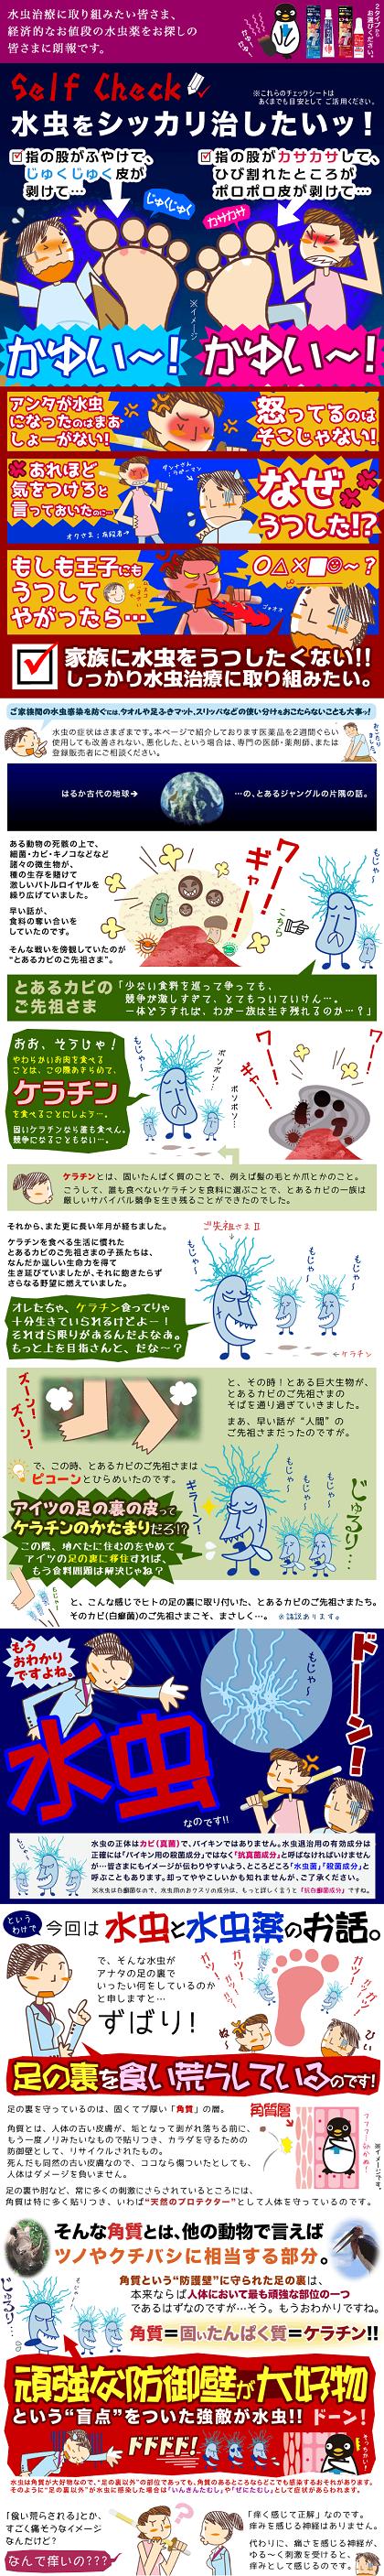 ビタトレール・ヒフールの説明画像②